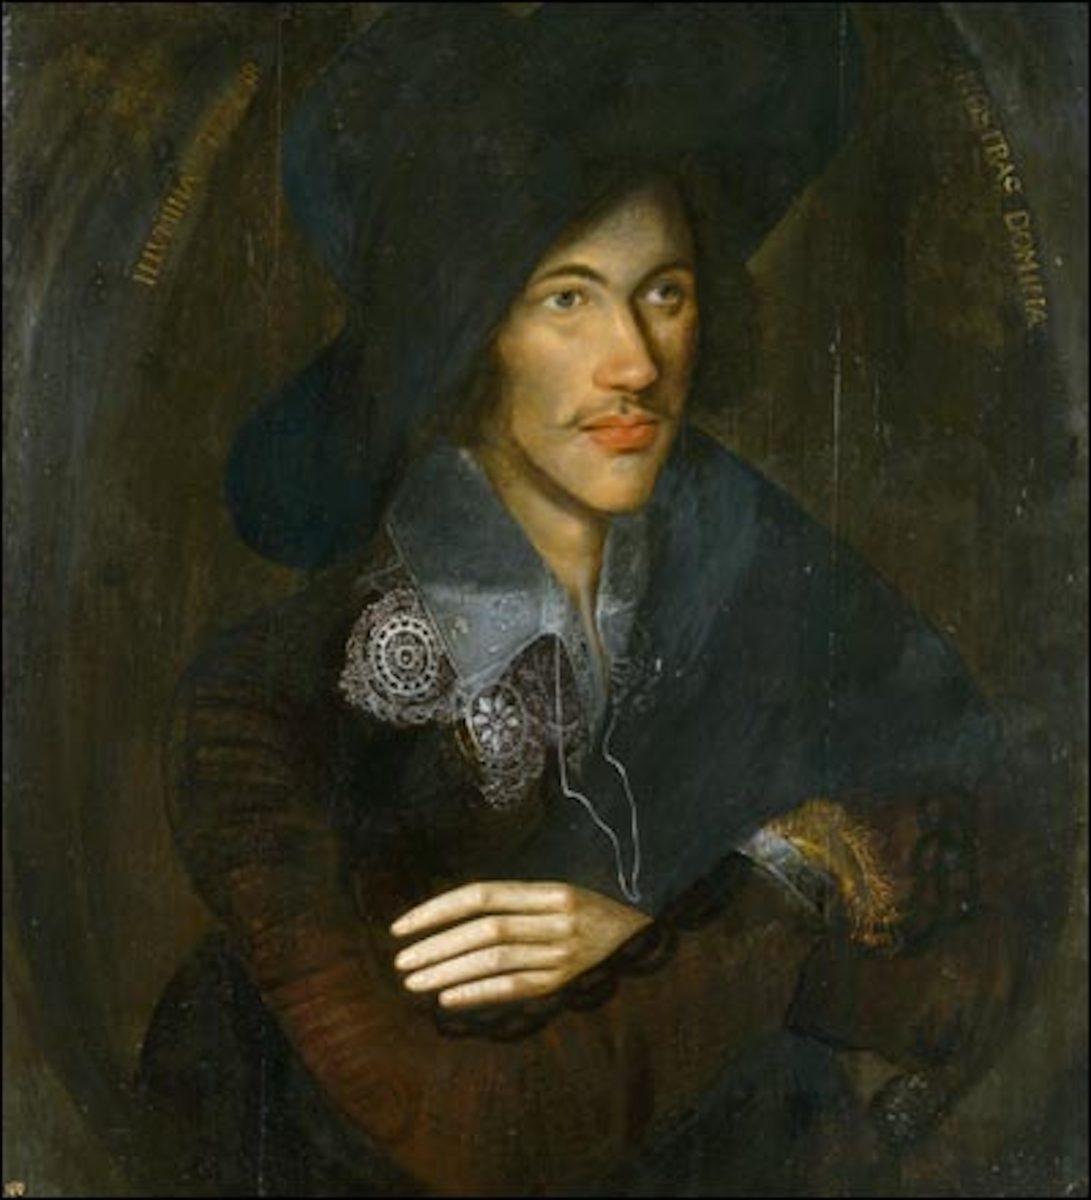 John Donne's